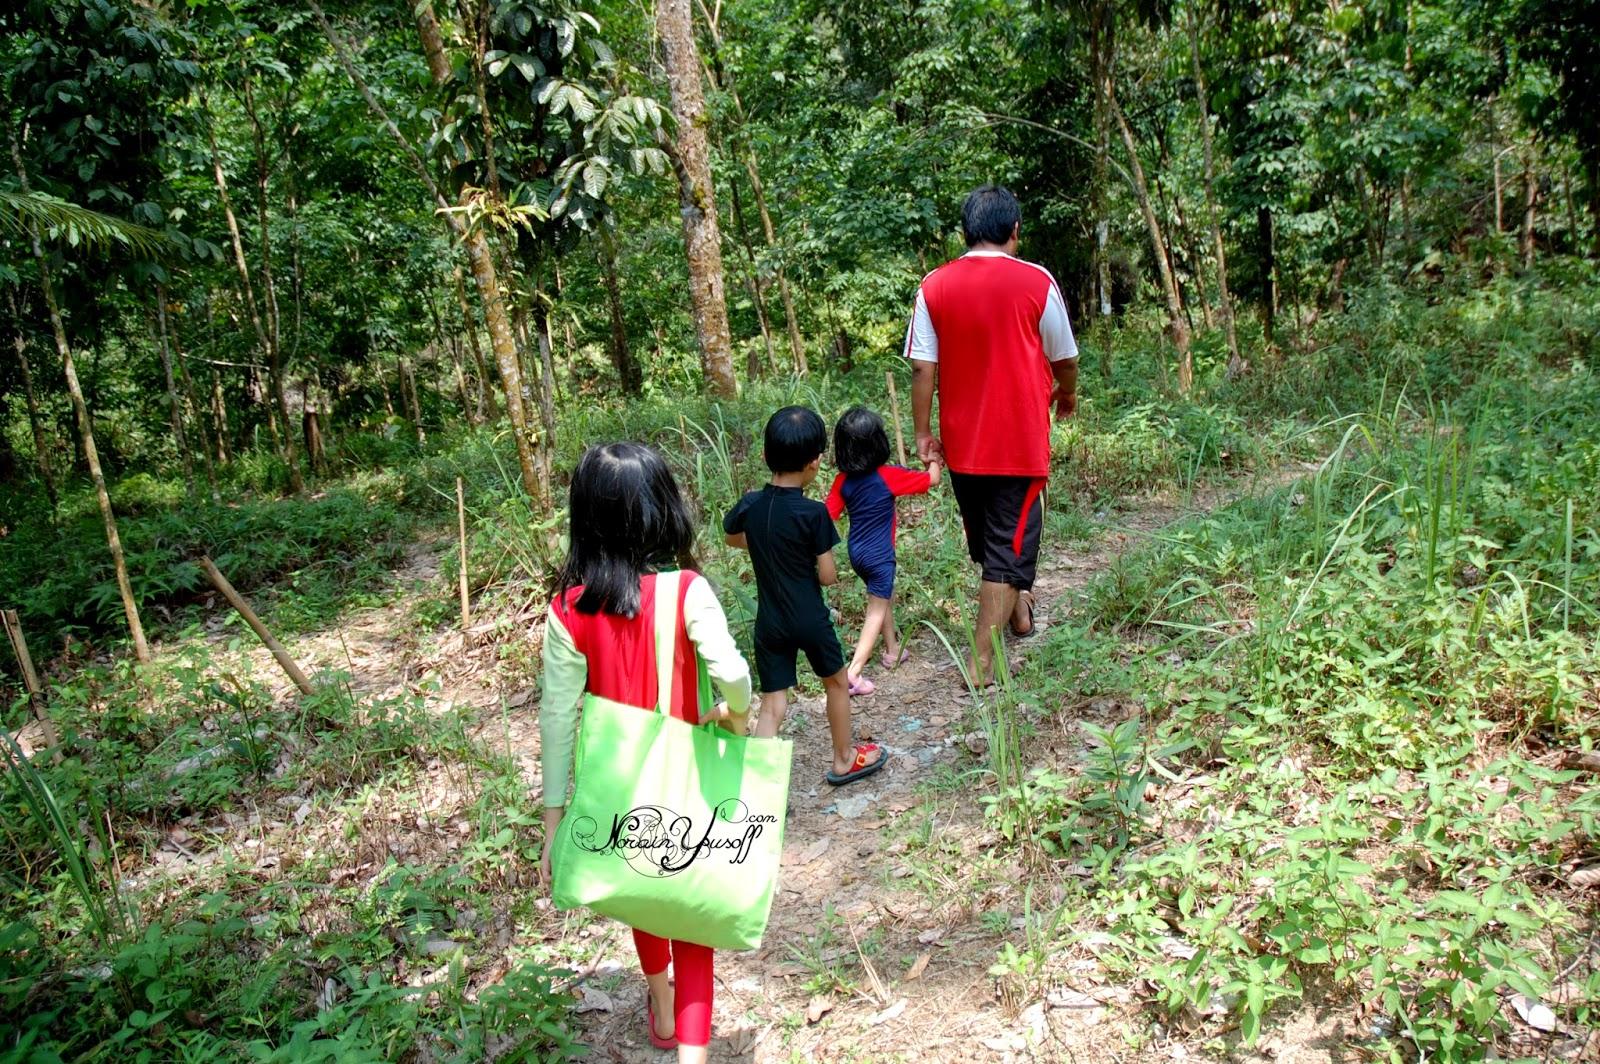 Cuti Yang Ohsem Bila Dapat Berkelah Bersama Keluarga